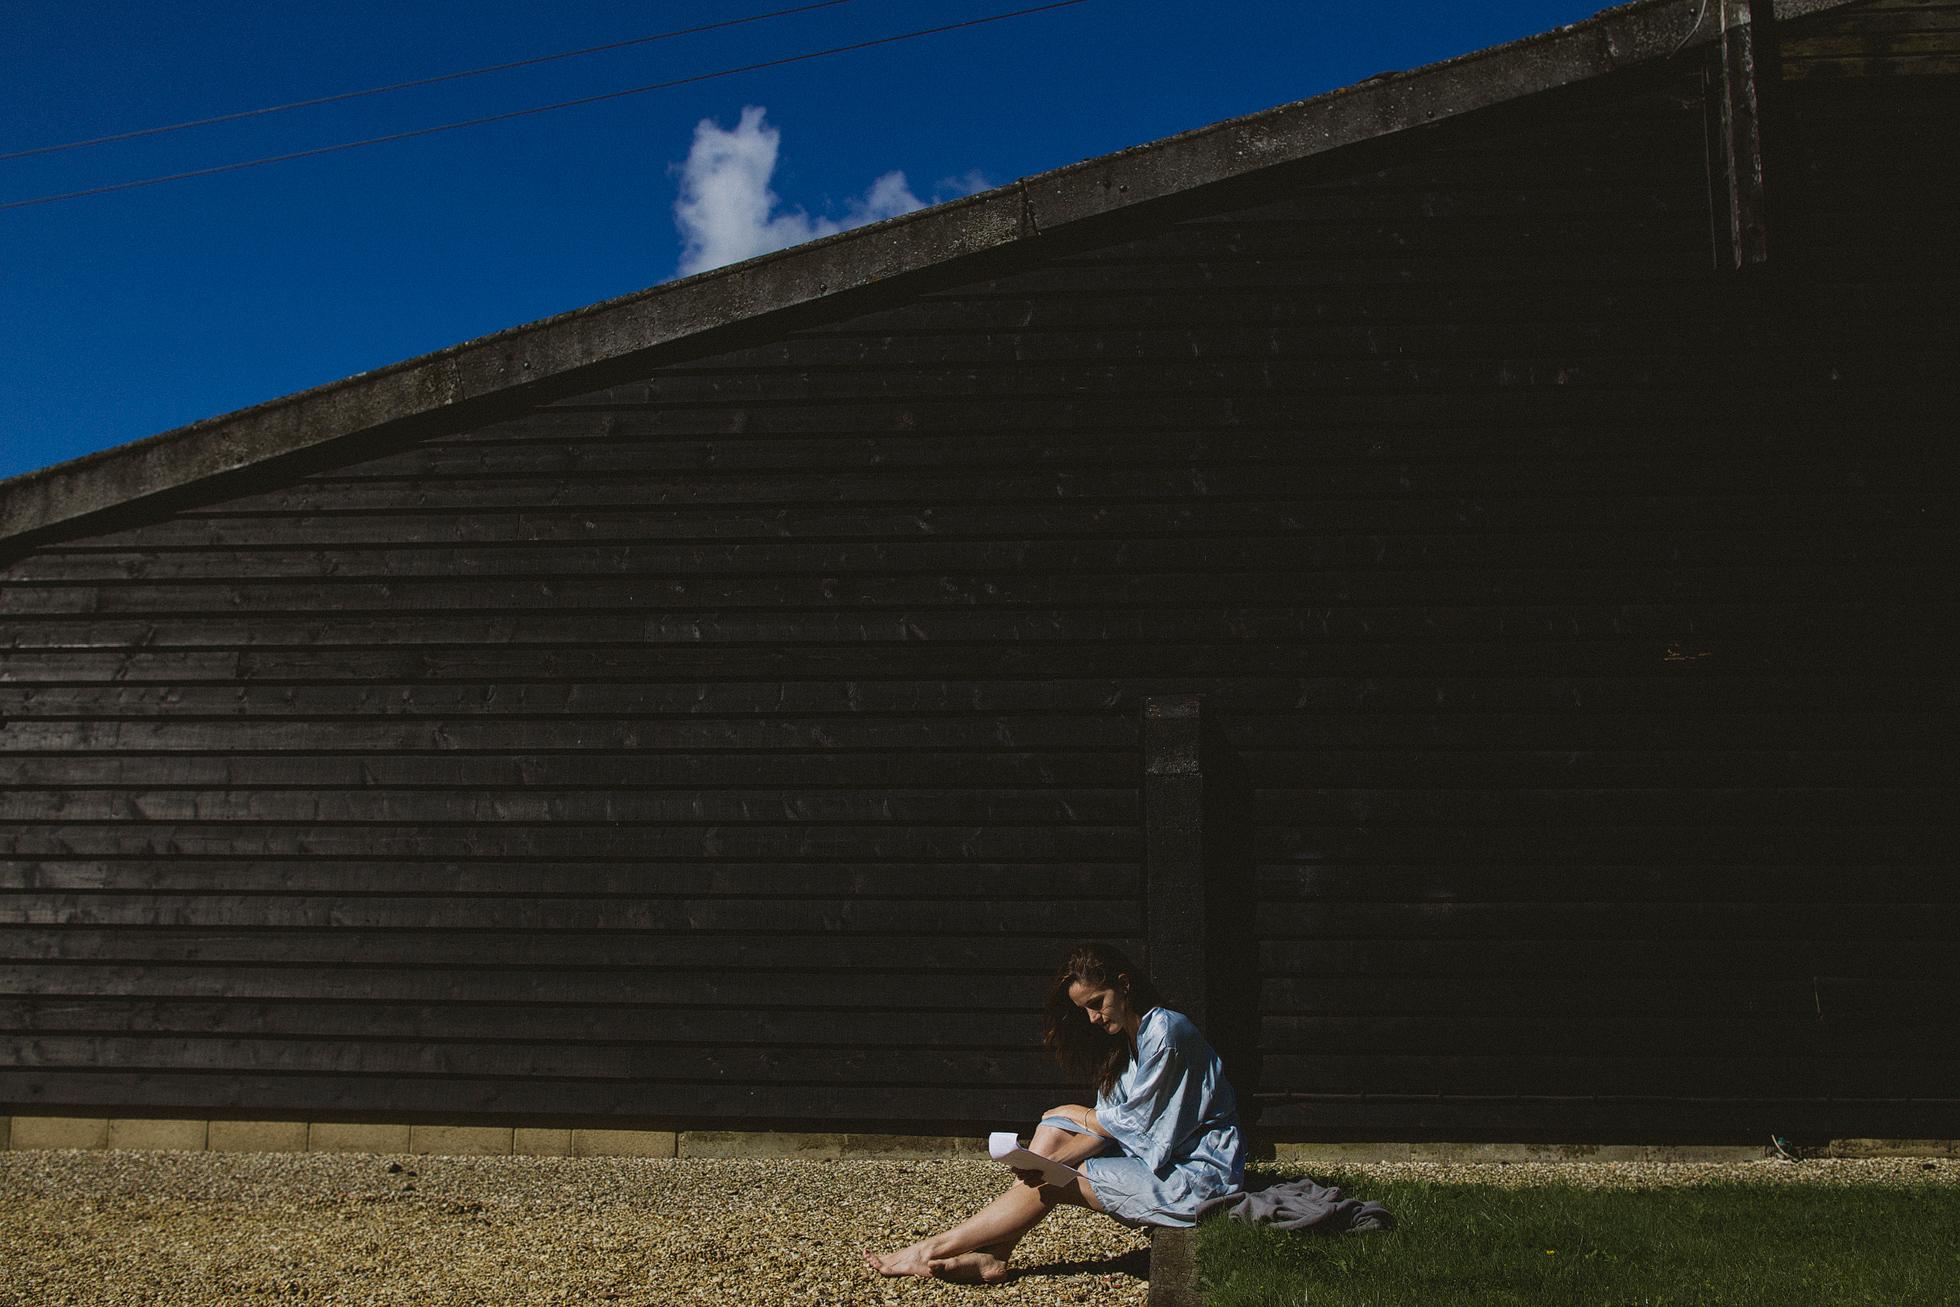 002-Suffolk-Barn-Photographer